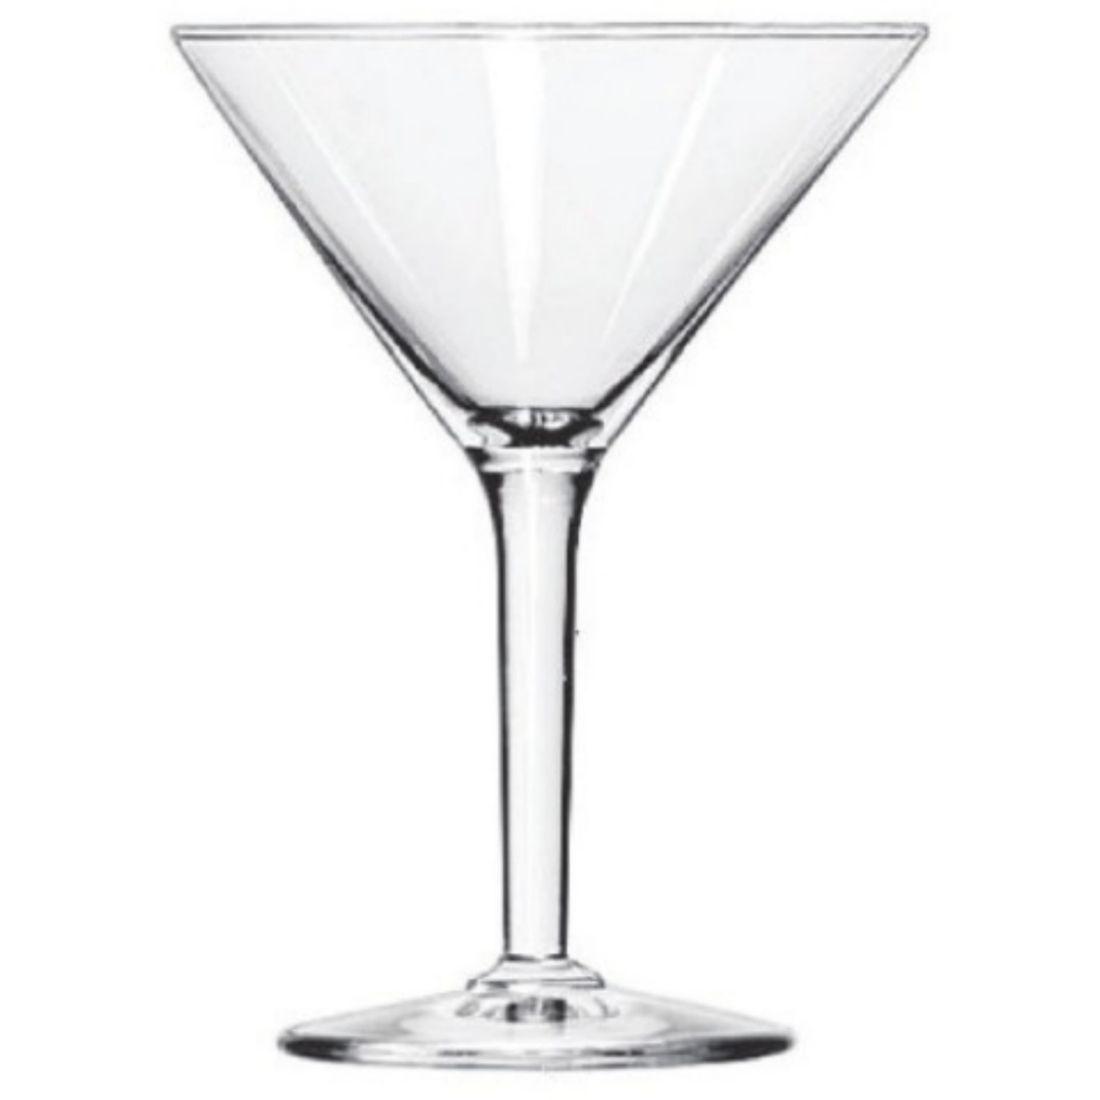 Citation sklenička na martini 17 cl